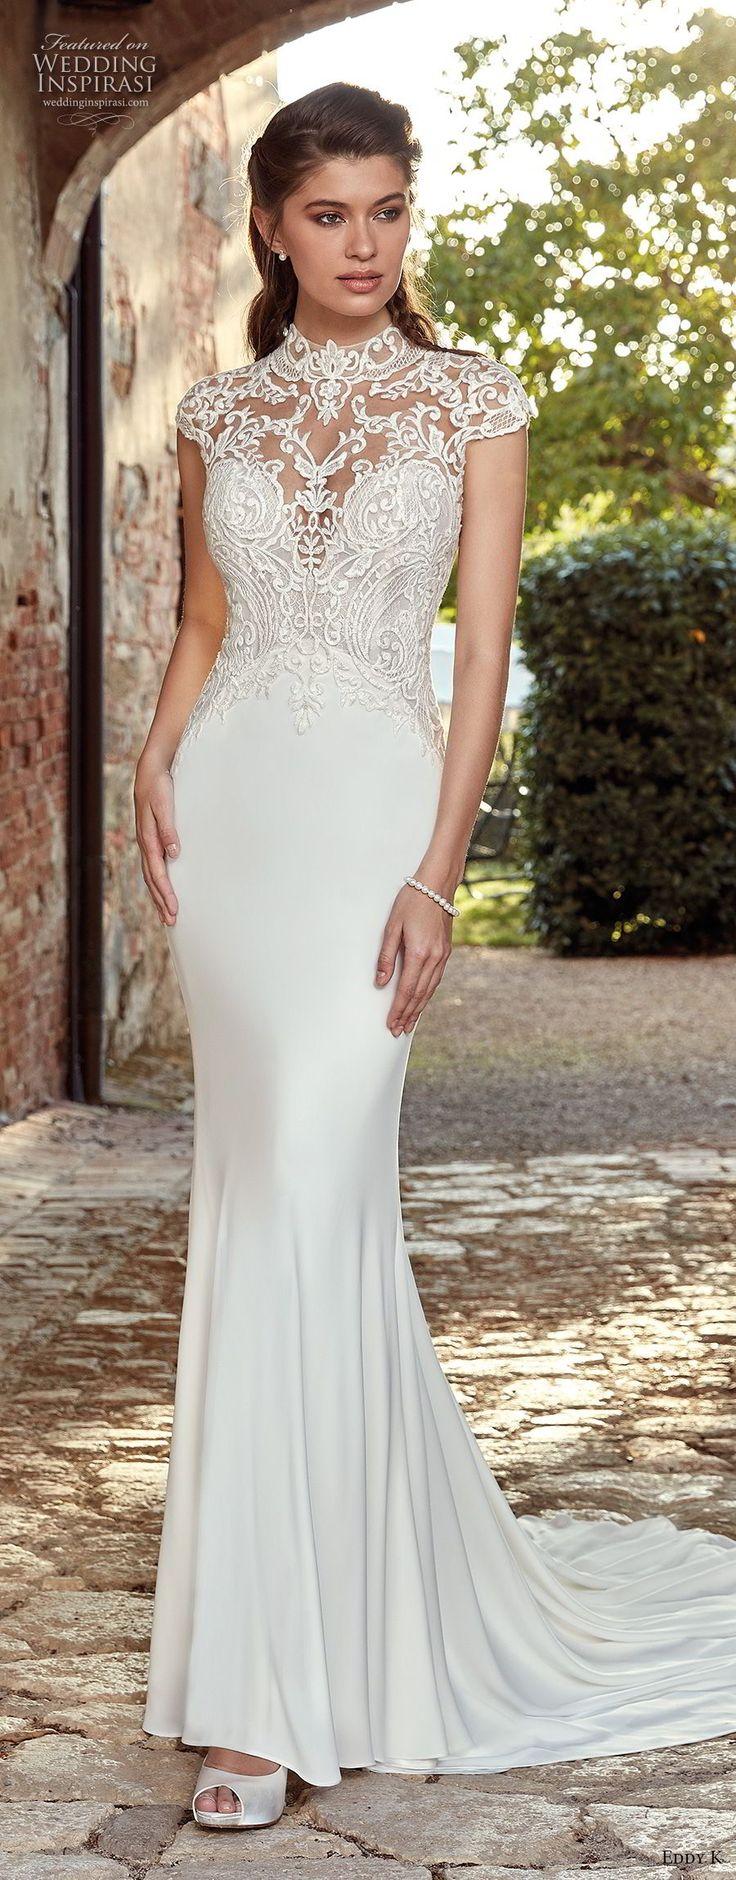 658 best Hochzeit images on Pinterest   Bridal dresses, Engagements ...